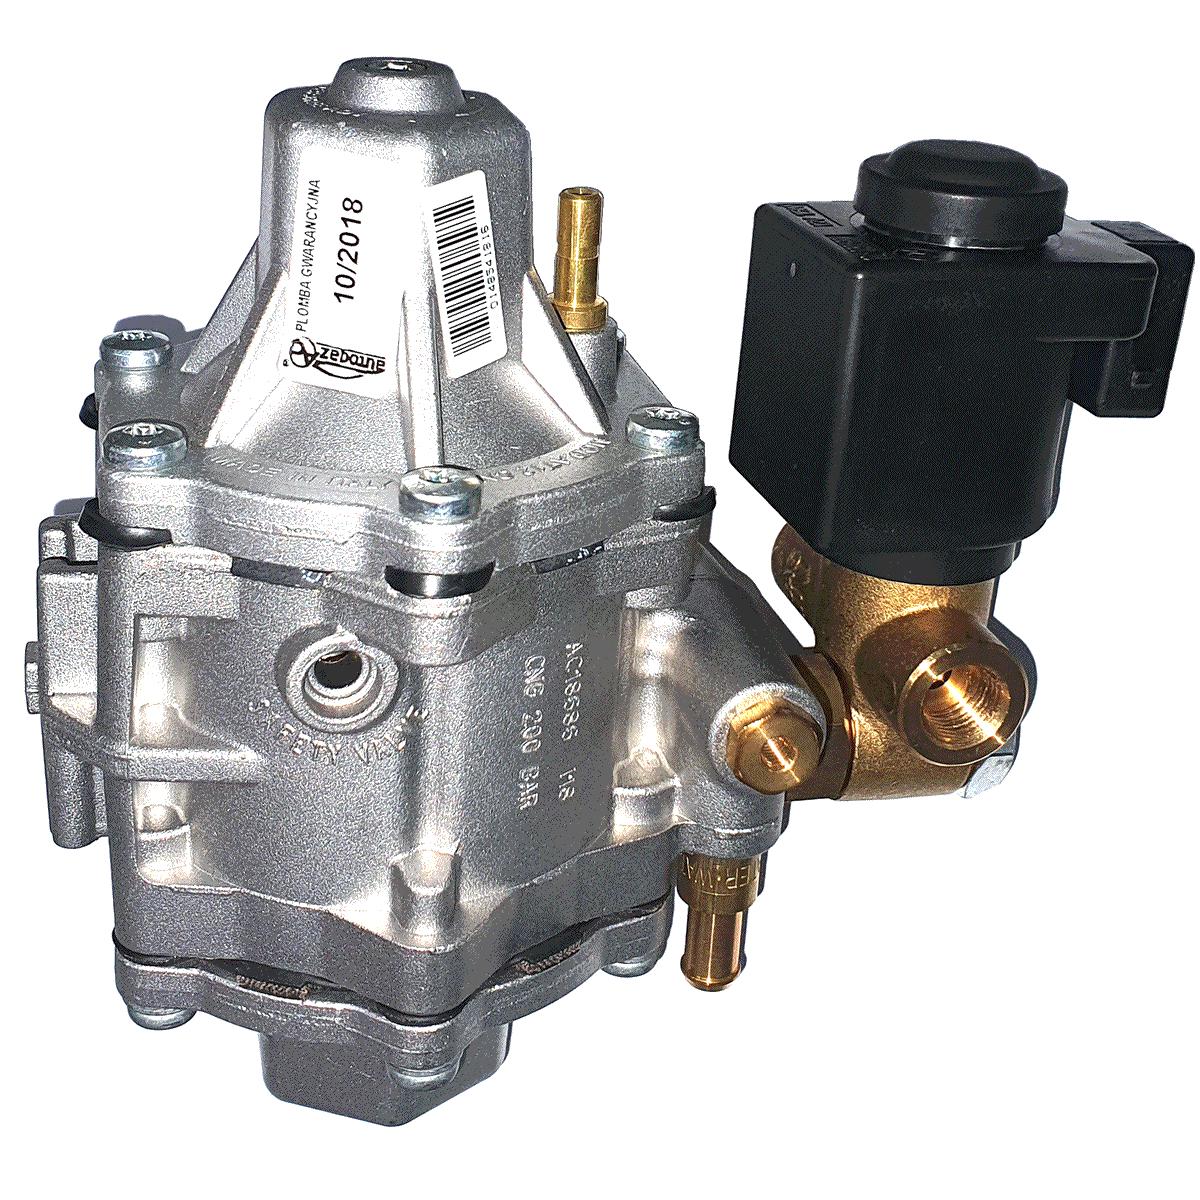 Kit Stag Qmax 5ª Geração 6 cilindros c/OBD Válvulas e Minuterias